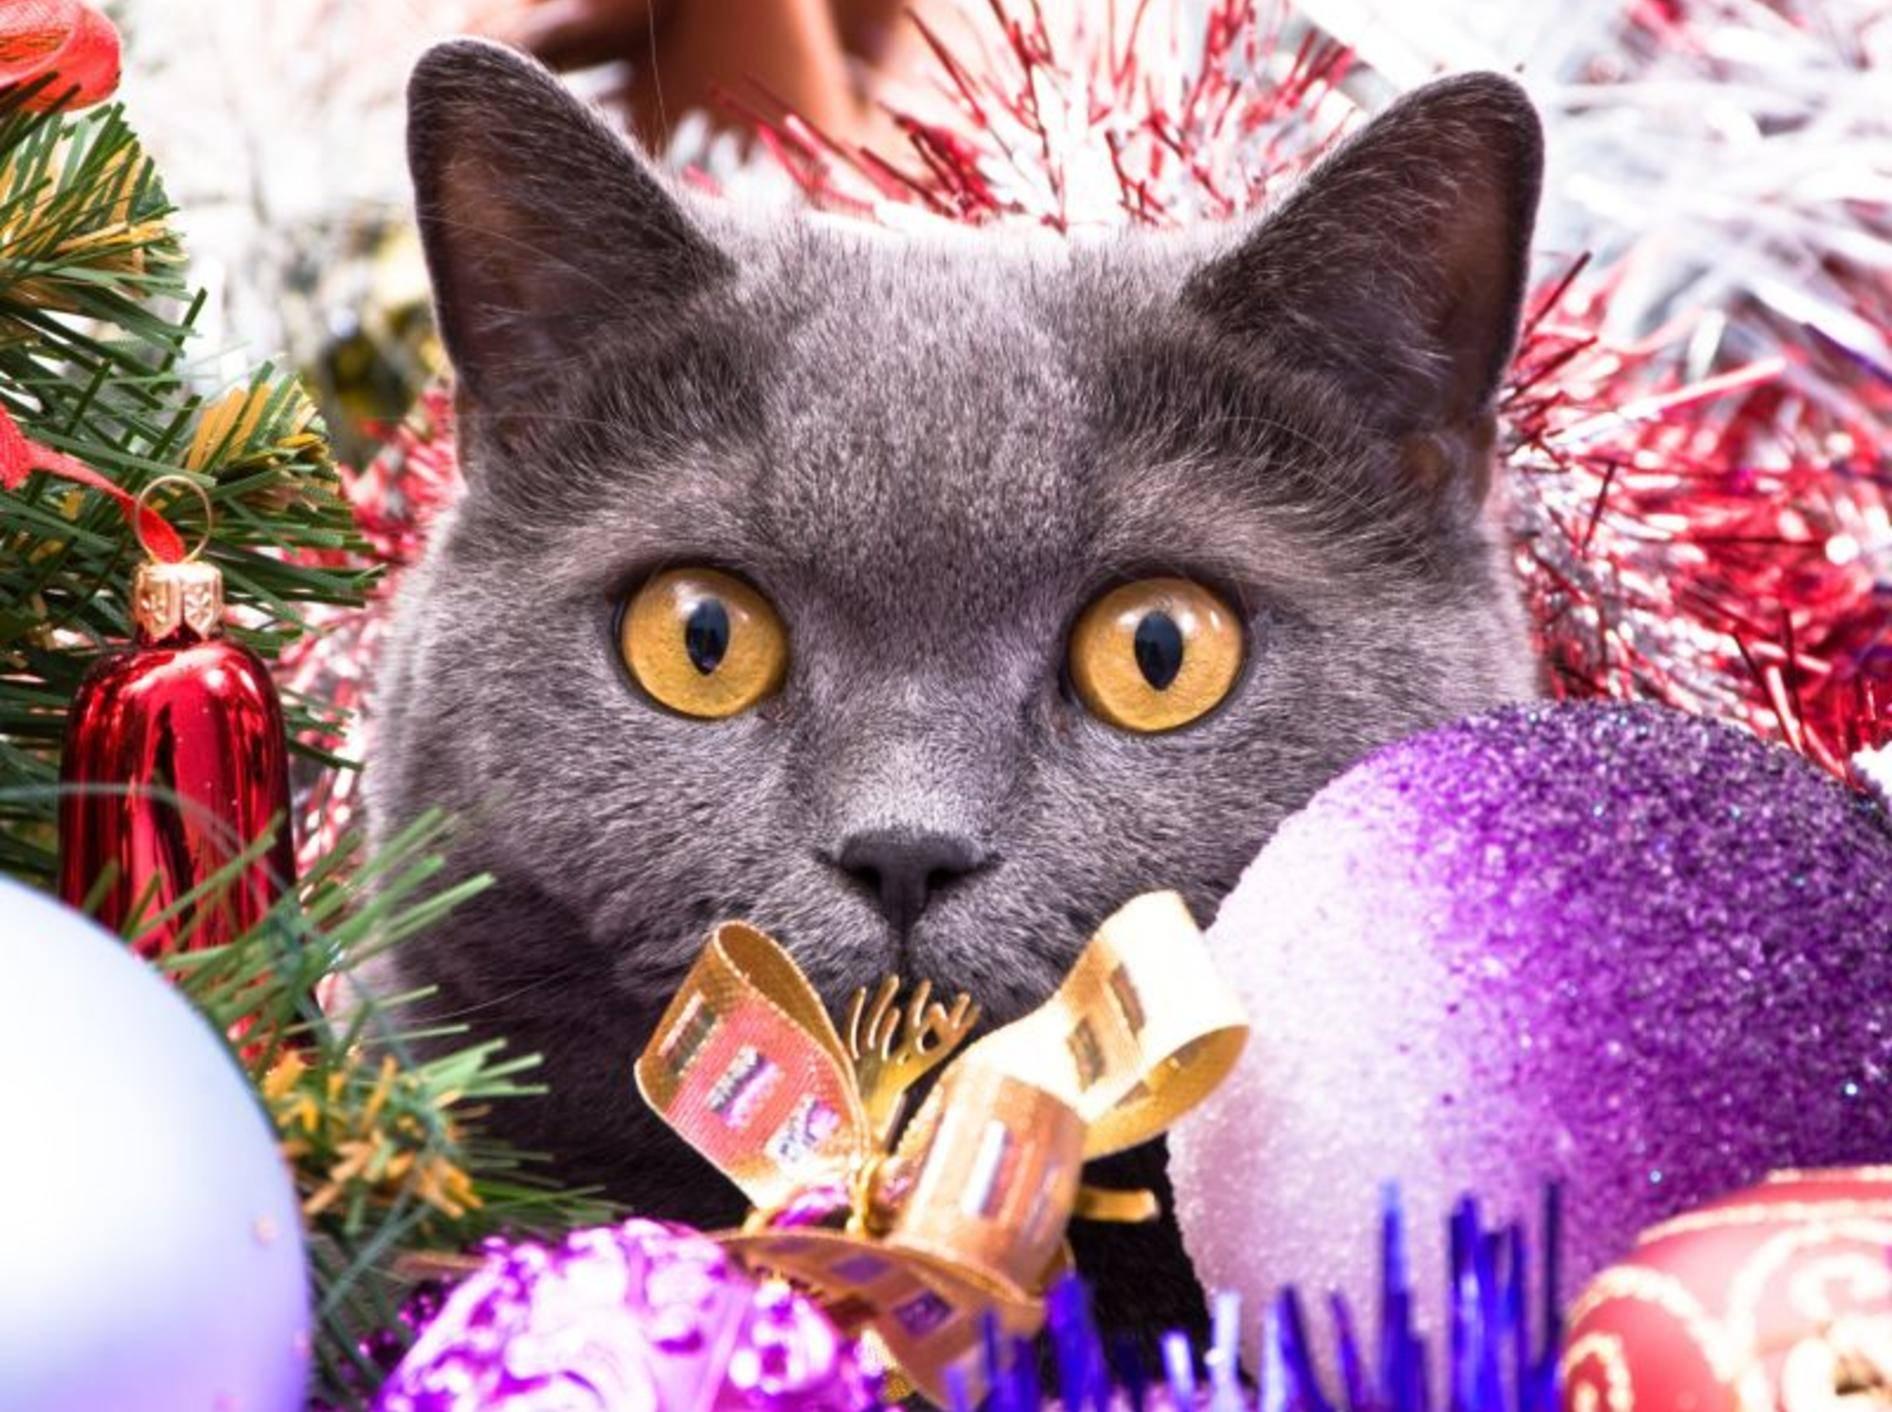 Behalten Sie Ihre Katze in der Weihnachtszeit gut im Blick – Bild: Shutterstock / Dmitry Bruskov